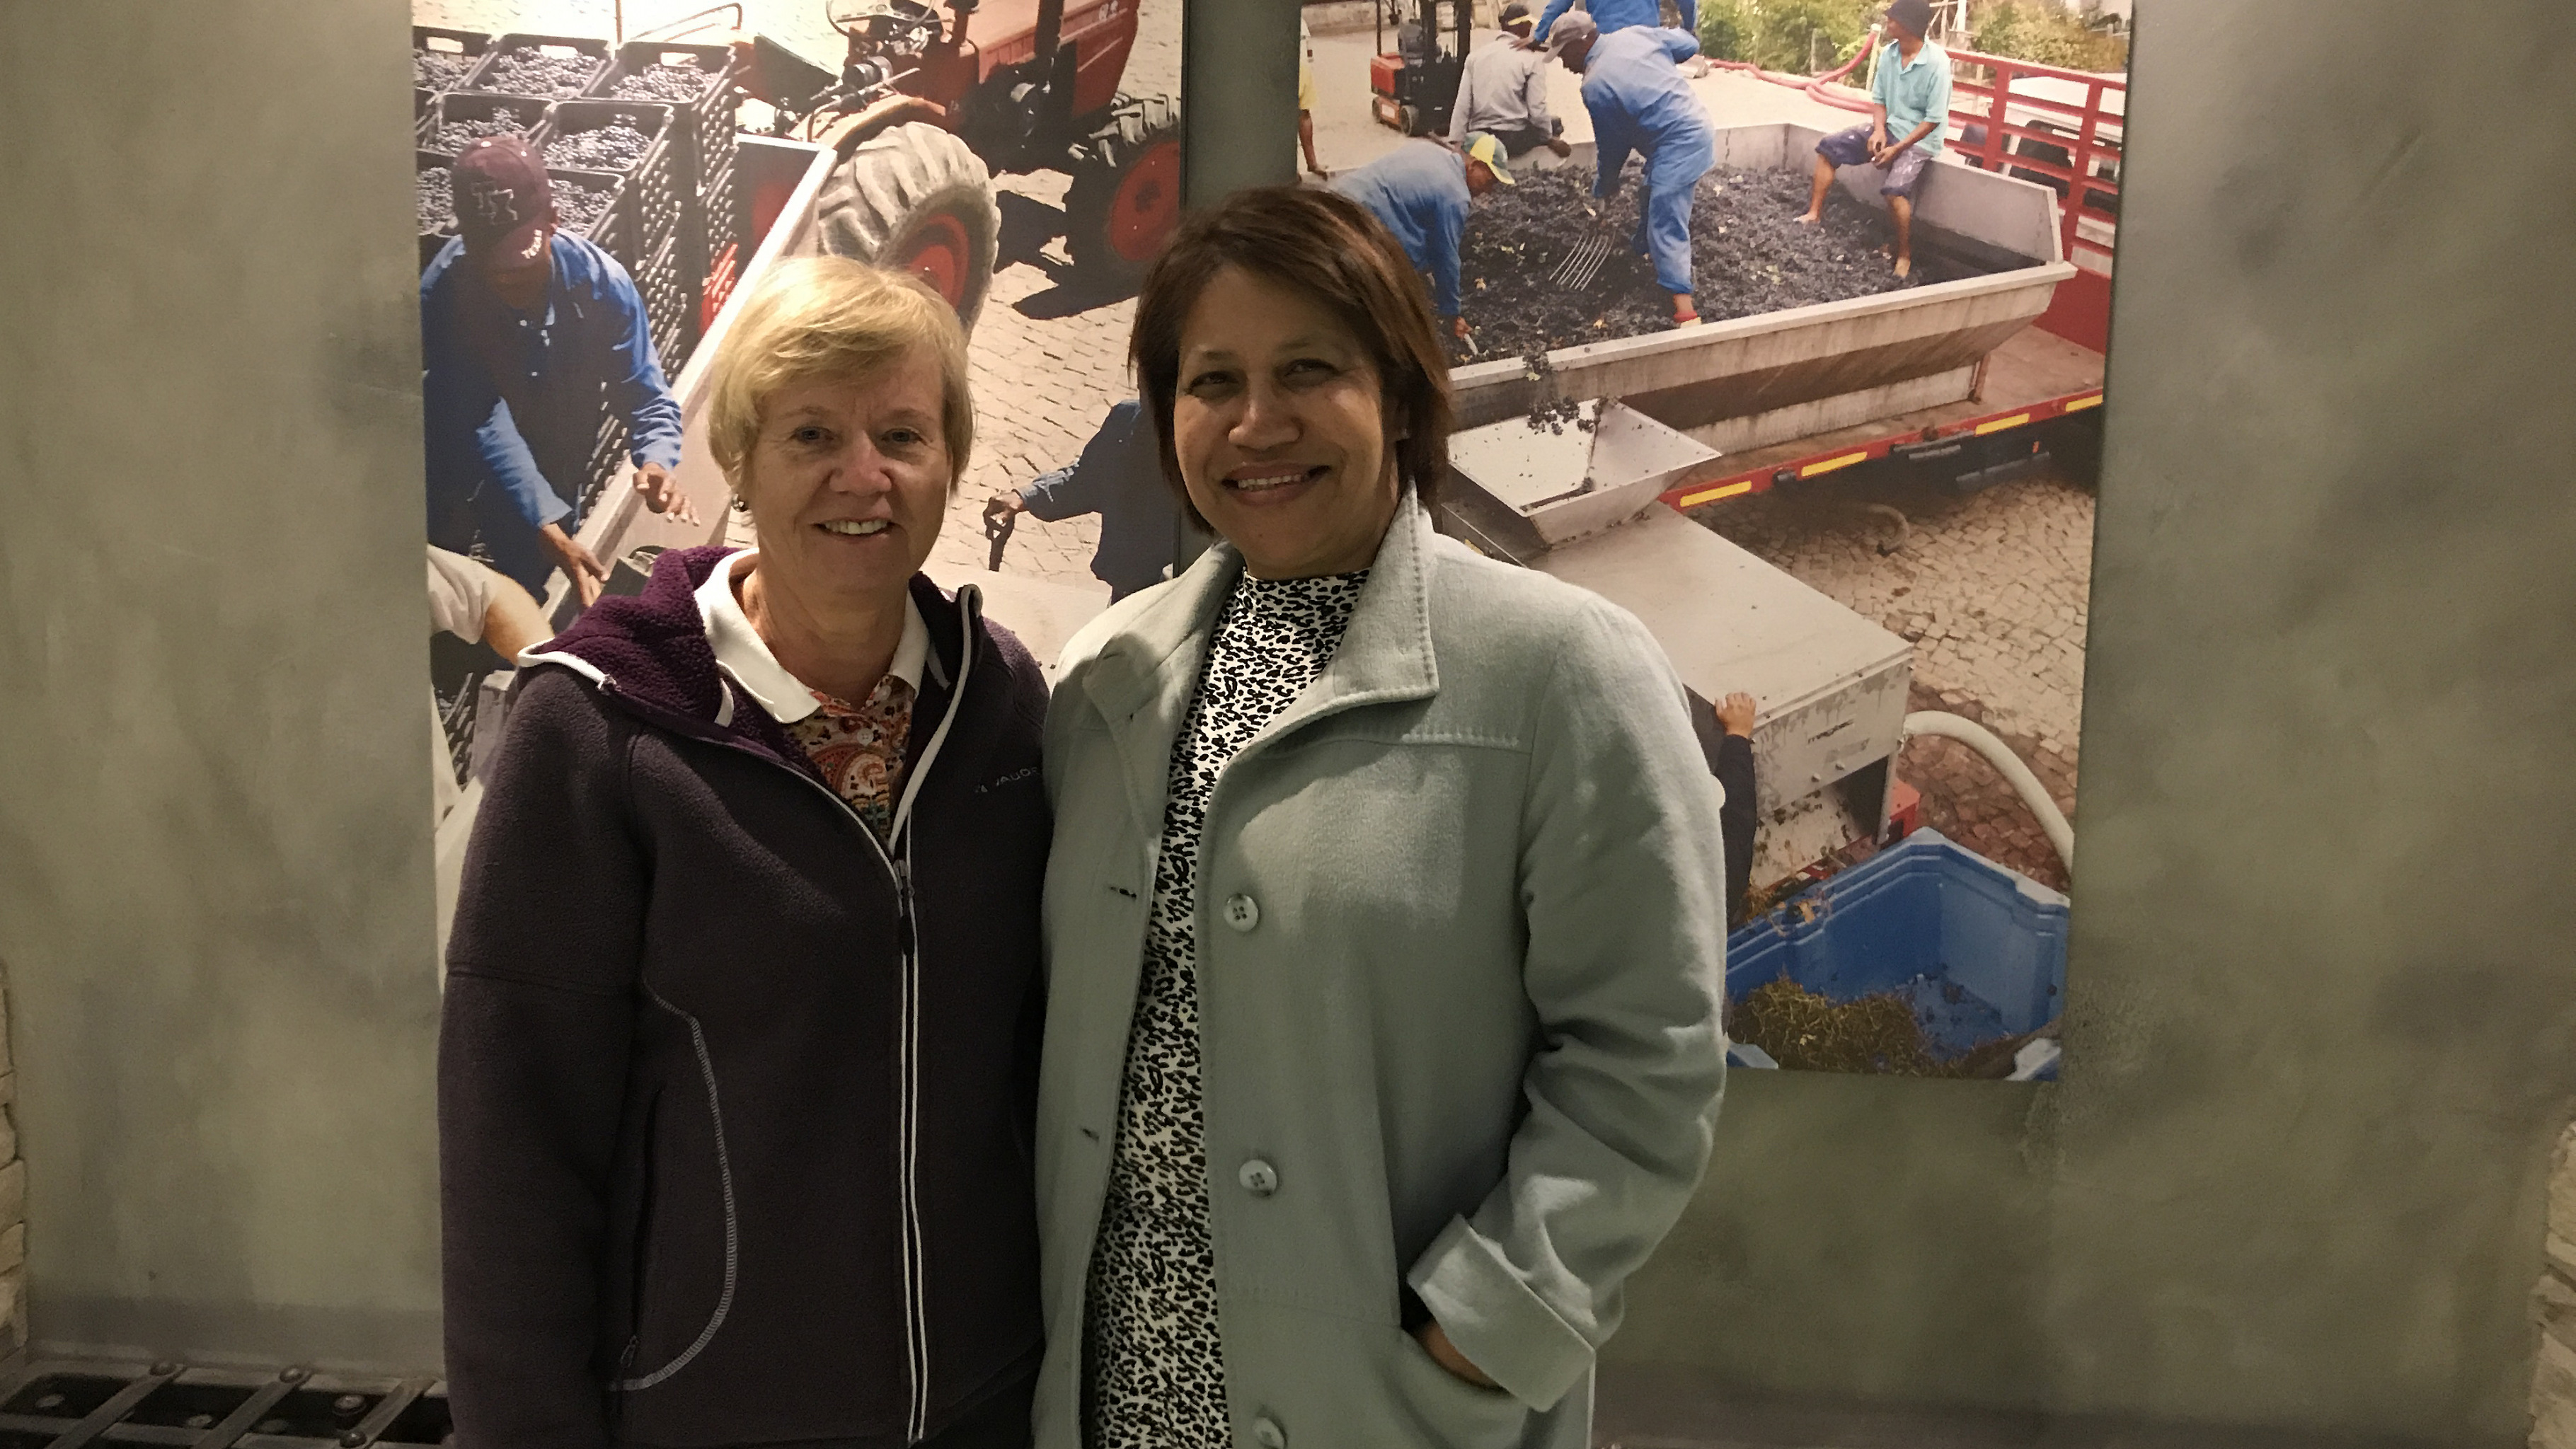 Gabriele Sarteh (Ehrenamtliche aus dem Oxfam Shop Bonn) mit Herbergsmutter Elize Anthony bei der Fotoausstellung im Weinkeller von Beyerskloof